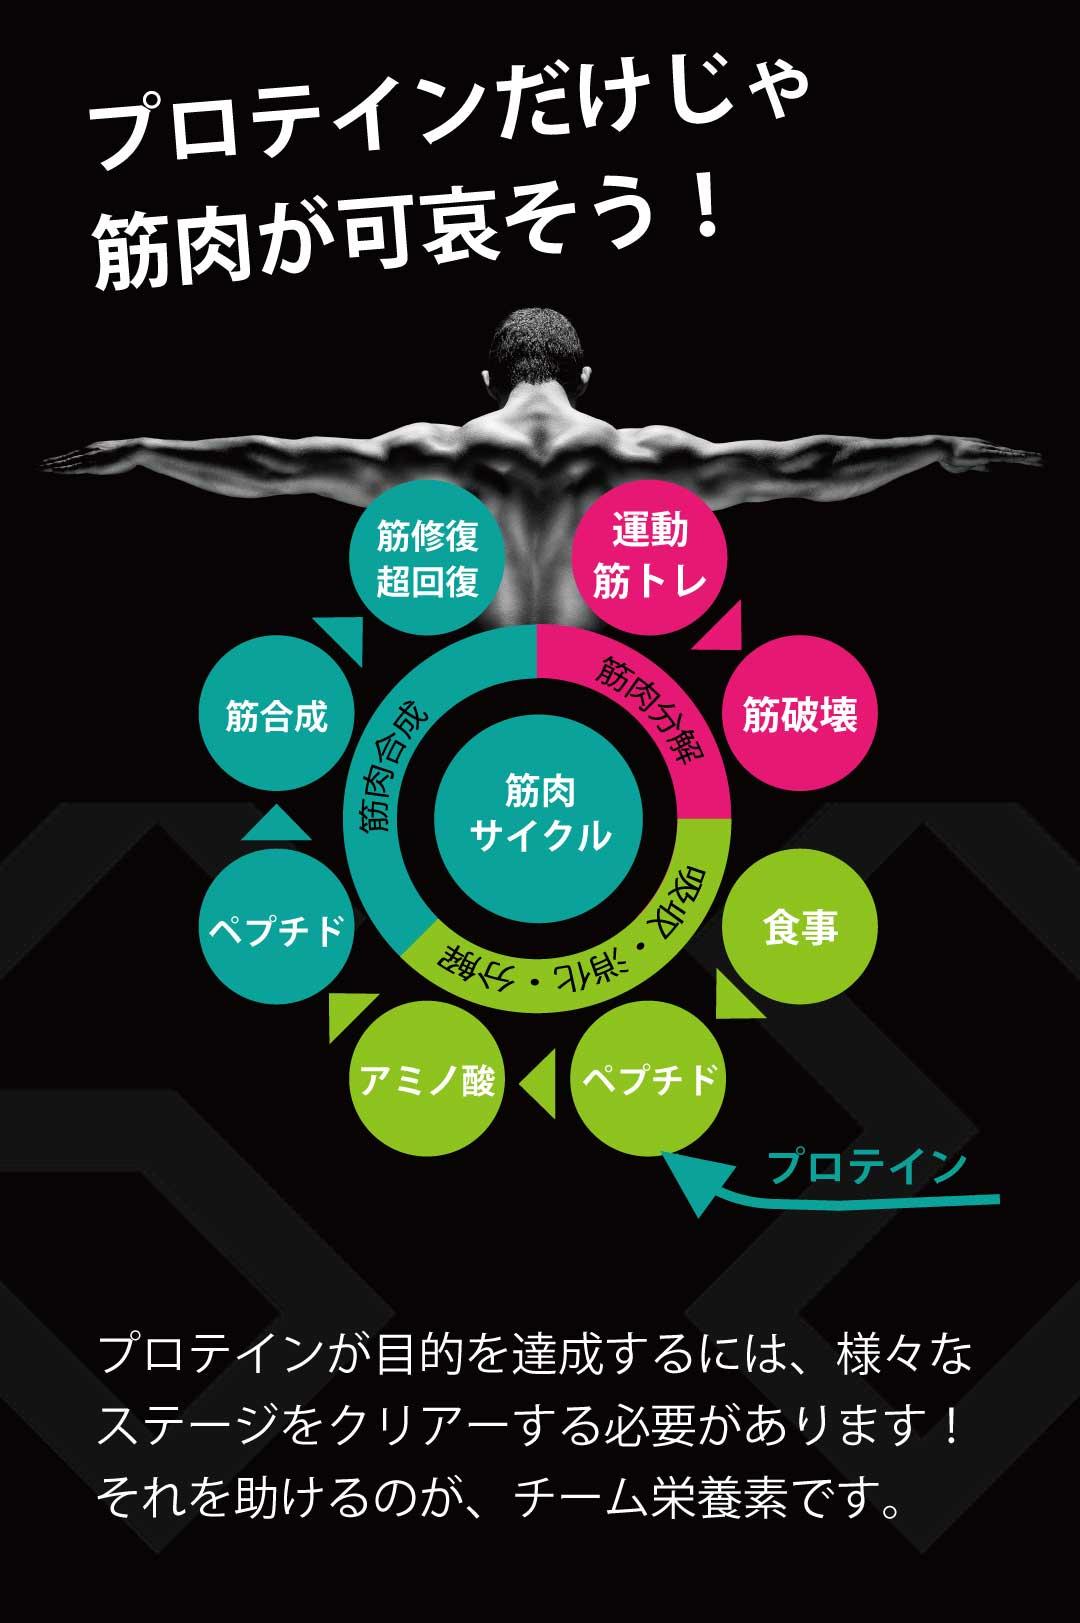 プロテインの筋肉サイクル